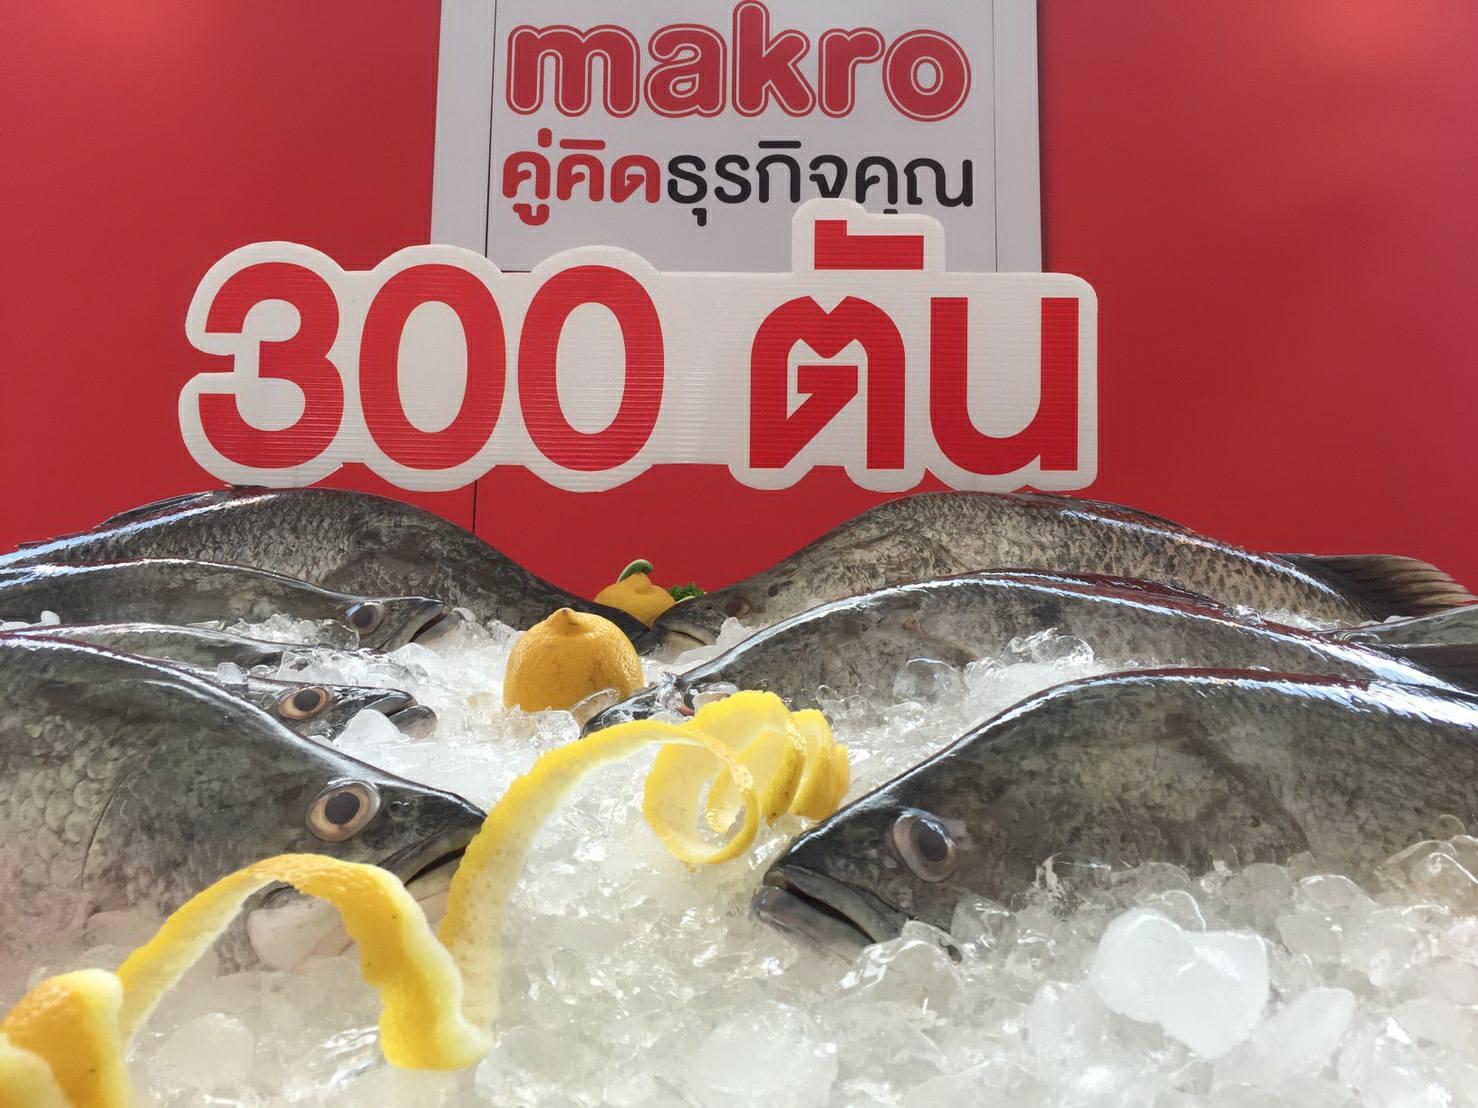 แม็คโคร ปลื้ม! ดันยอดรับซื้อปลากะพง ช่วยเกษตรกรระบายผลผลิตได้กว่า 300 ตัน หนุนสุดแรง เพิ่มวาไรตี้แล่หั่นชิ้น ชูเป็นไอเท็มเด็ด พร้อมจัดโปรโมชั่น-โรดโชว์ กระตุ้นการบริโภค